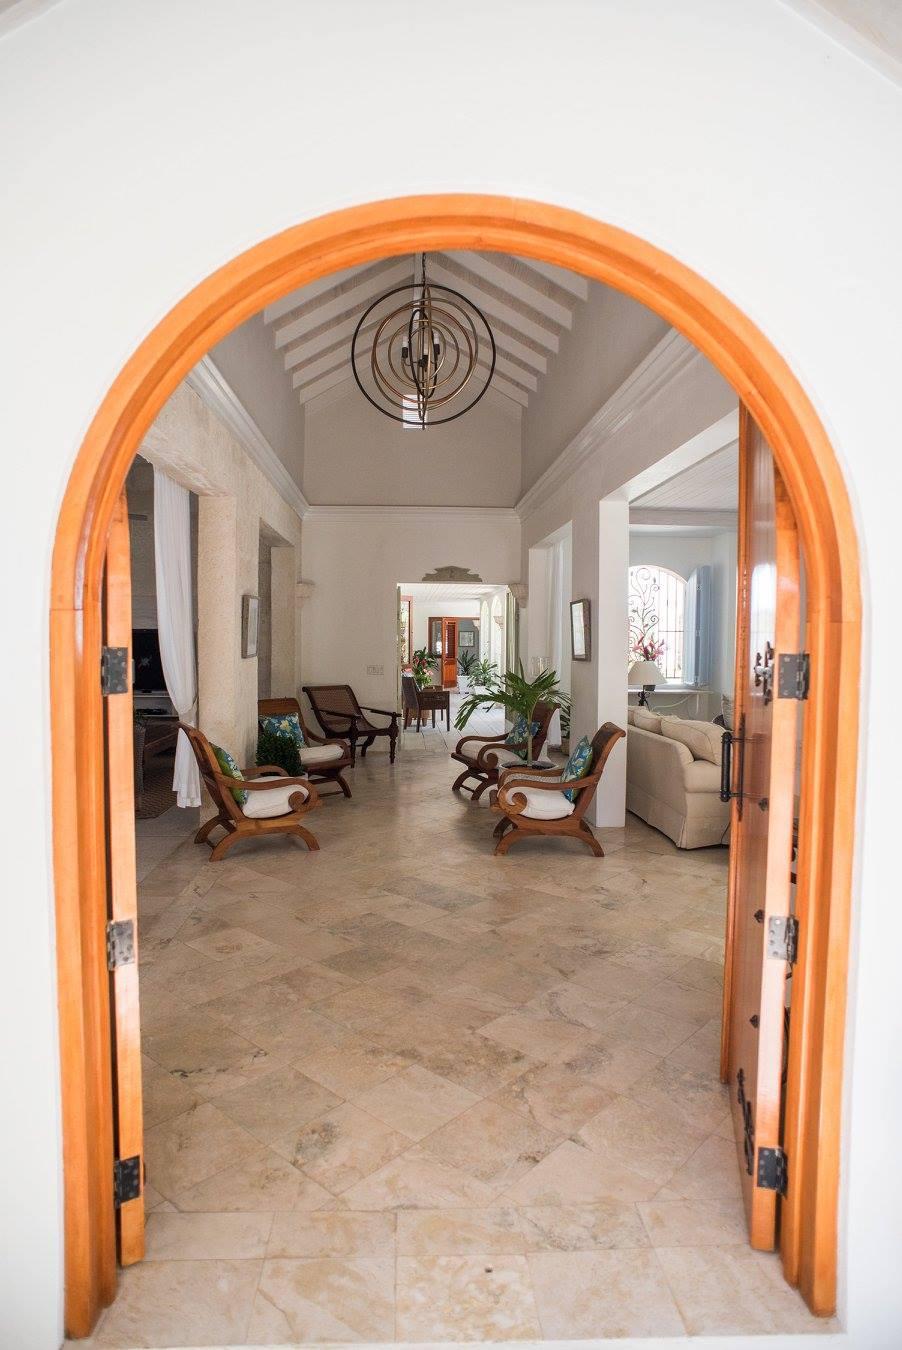 door open leading to the inside